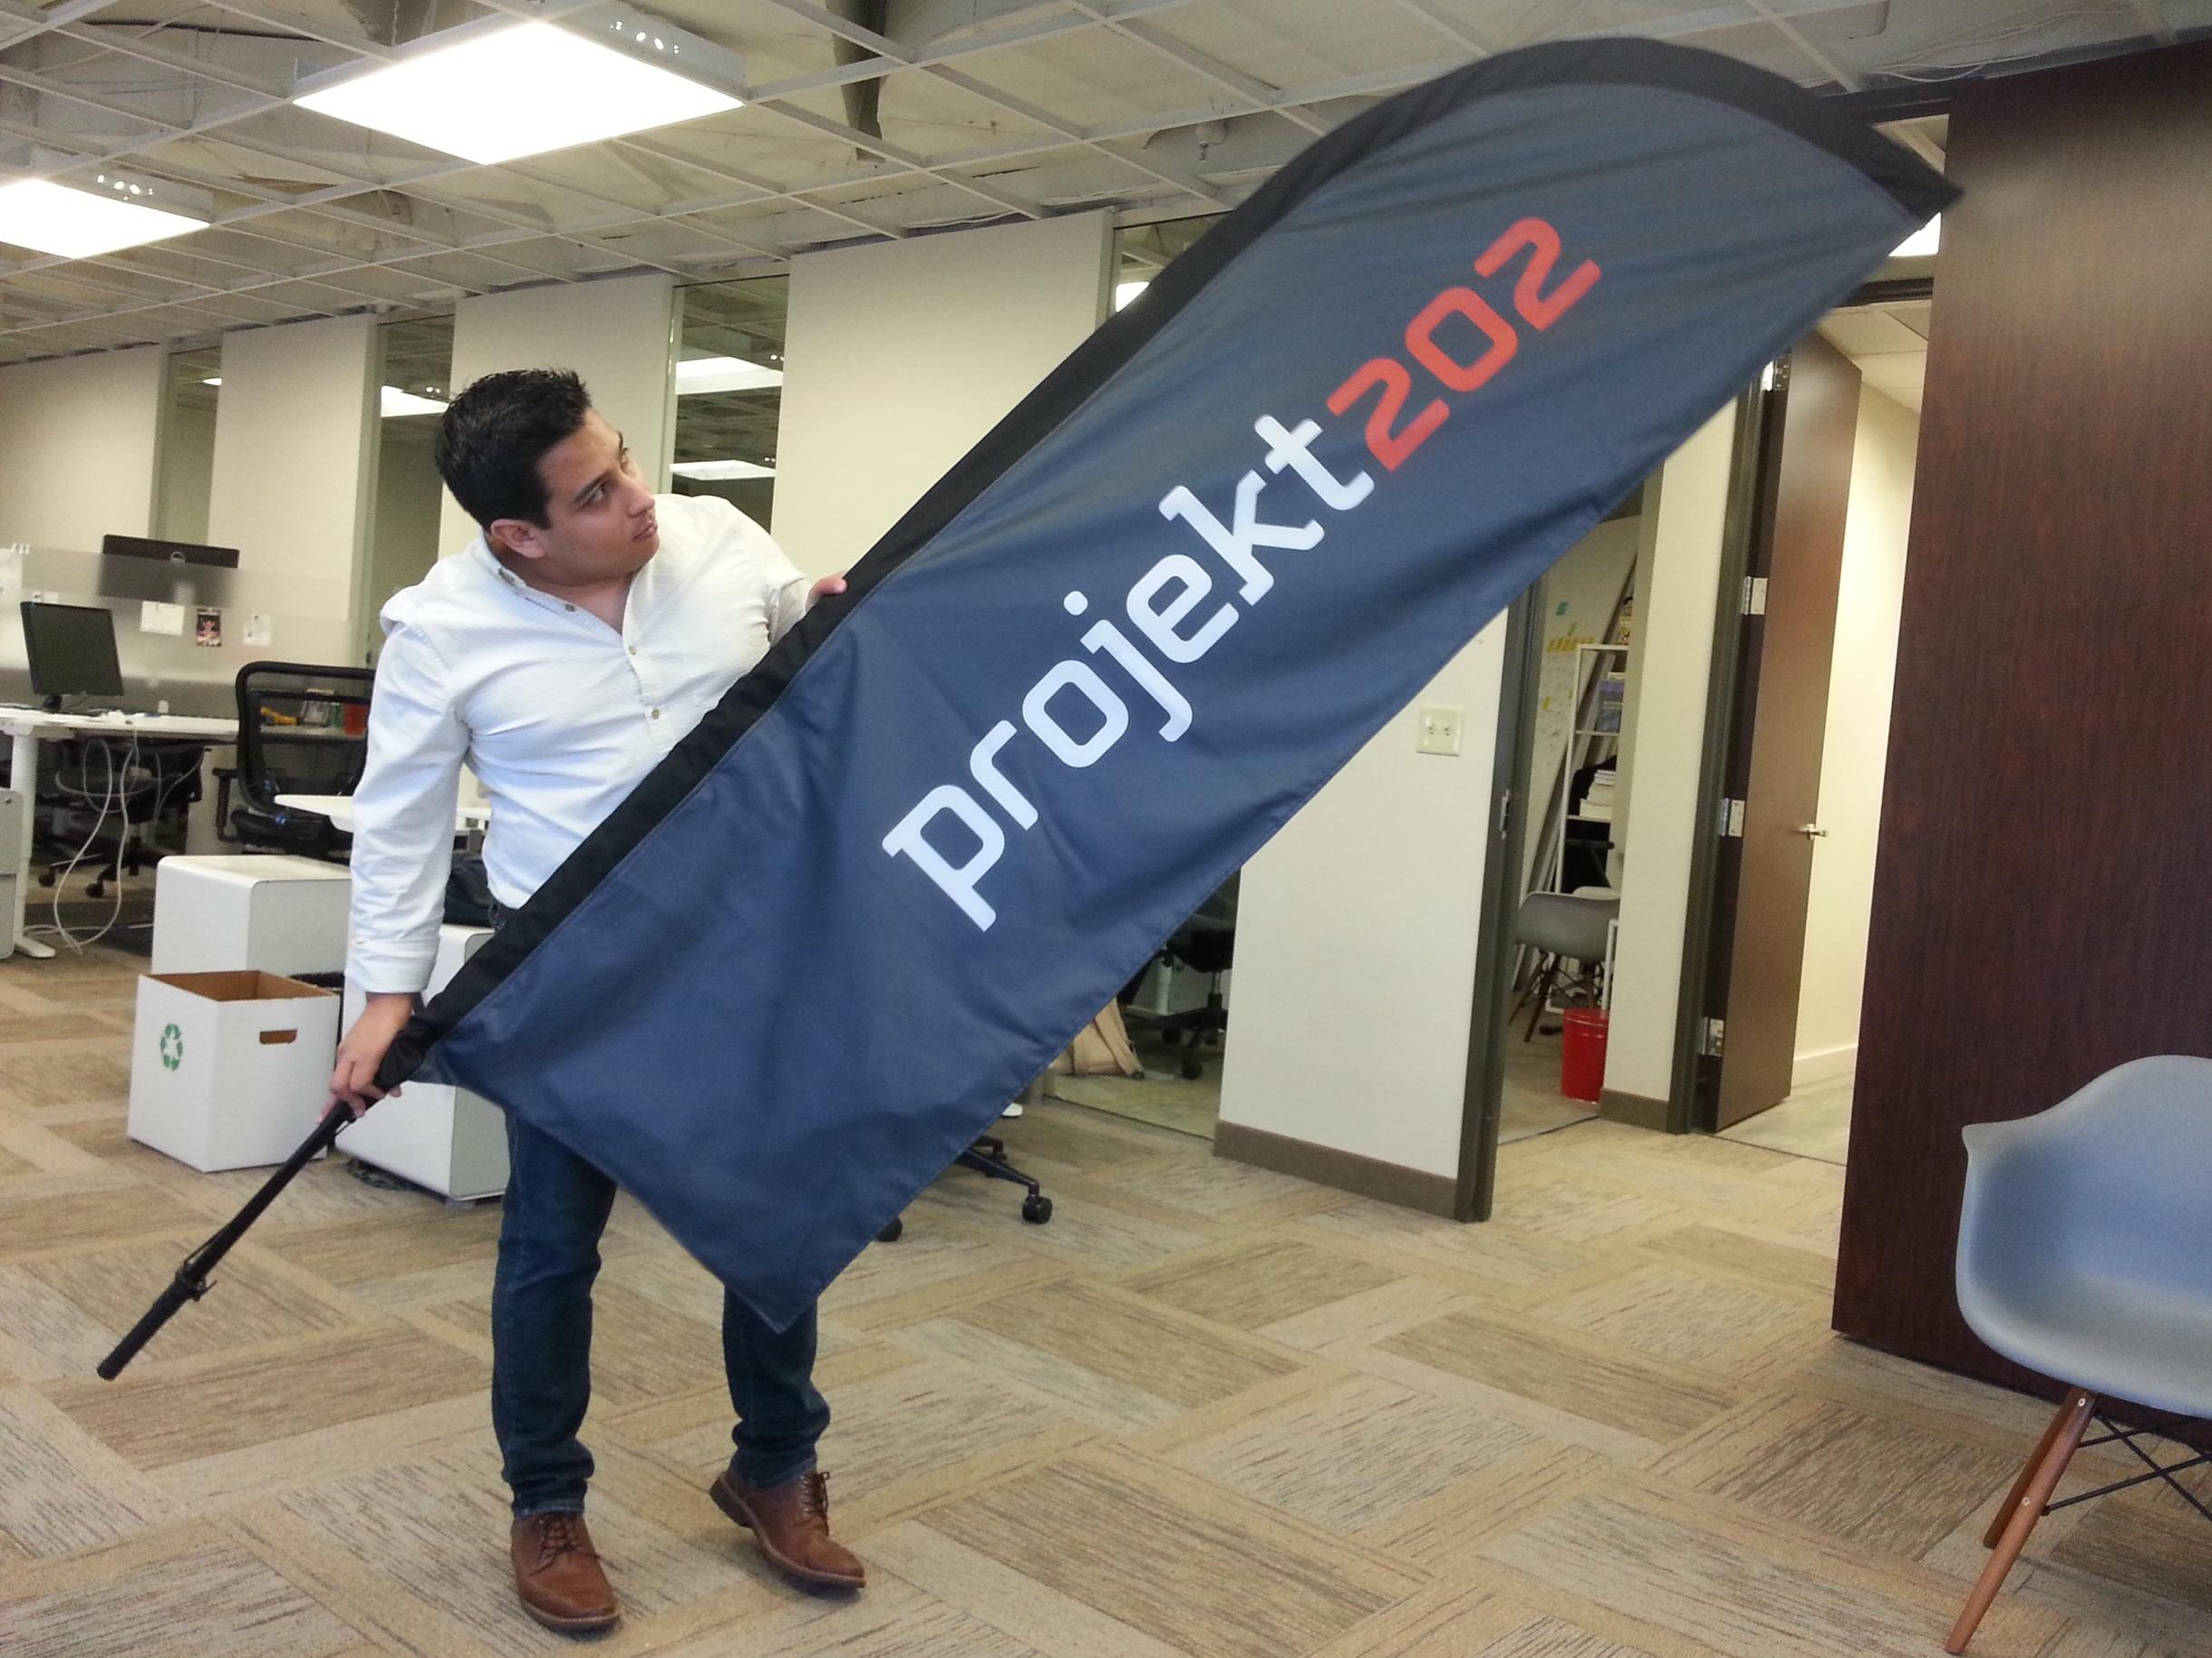 banner+flag.jpg